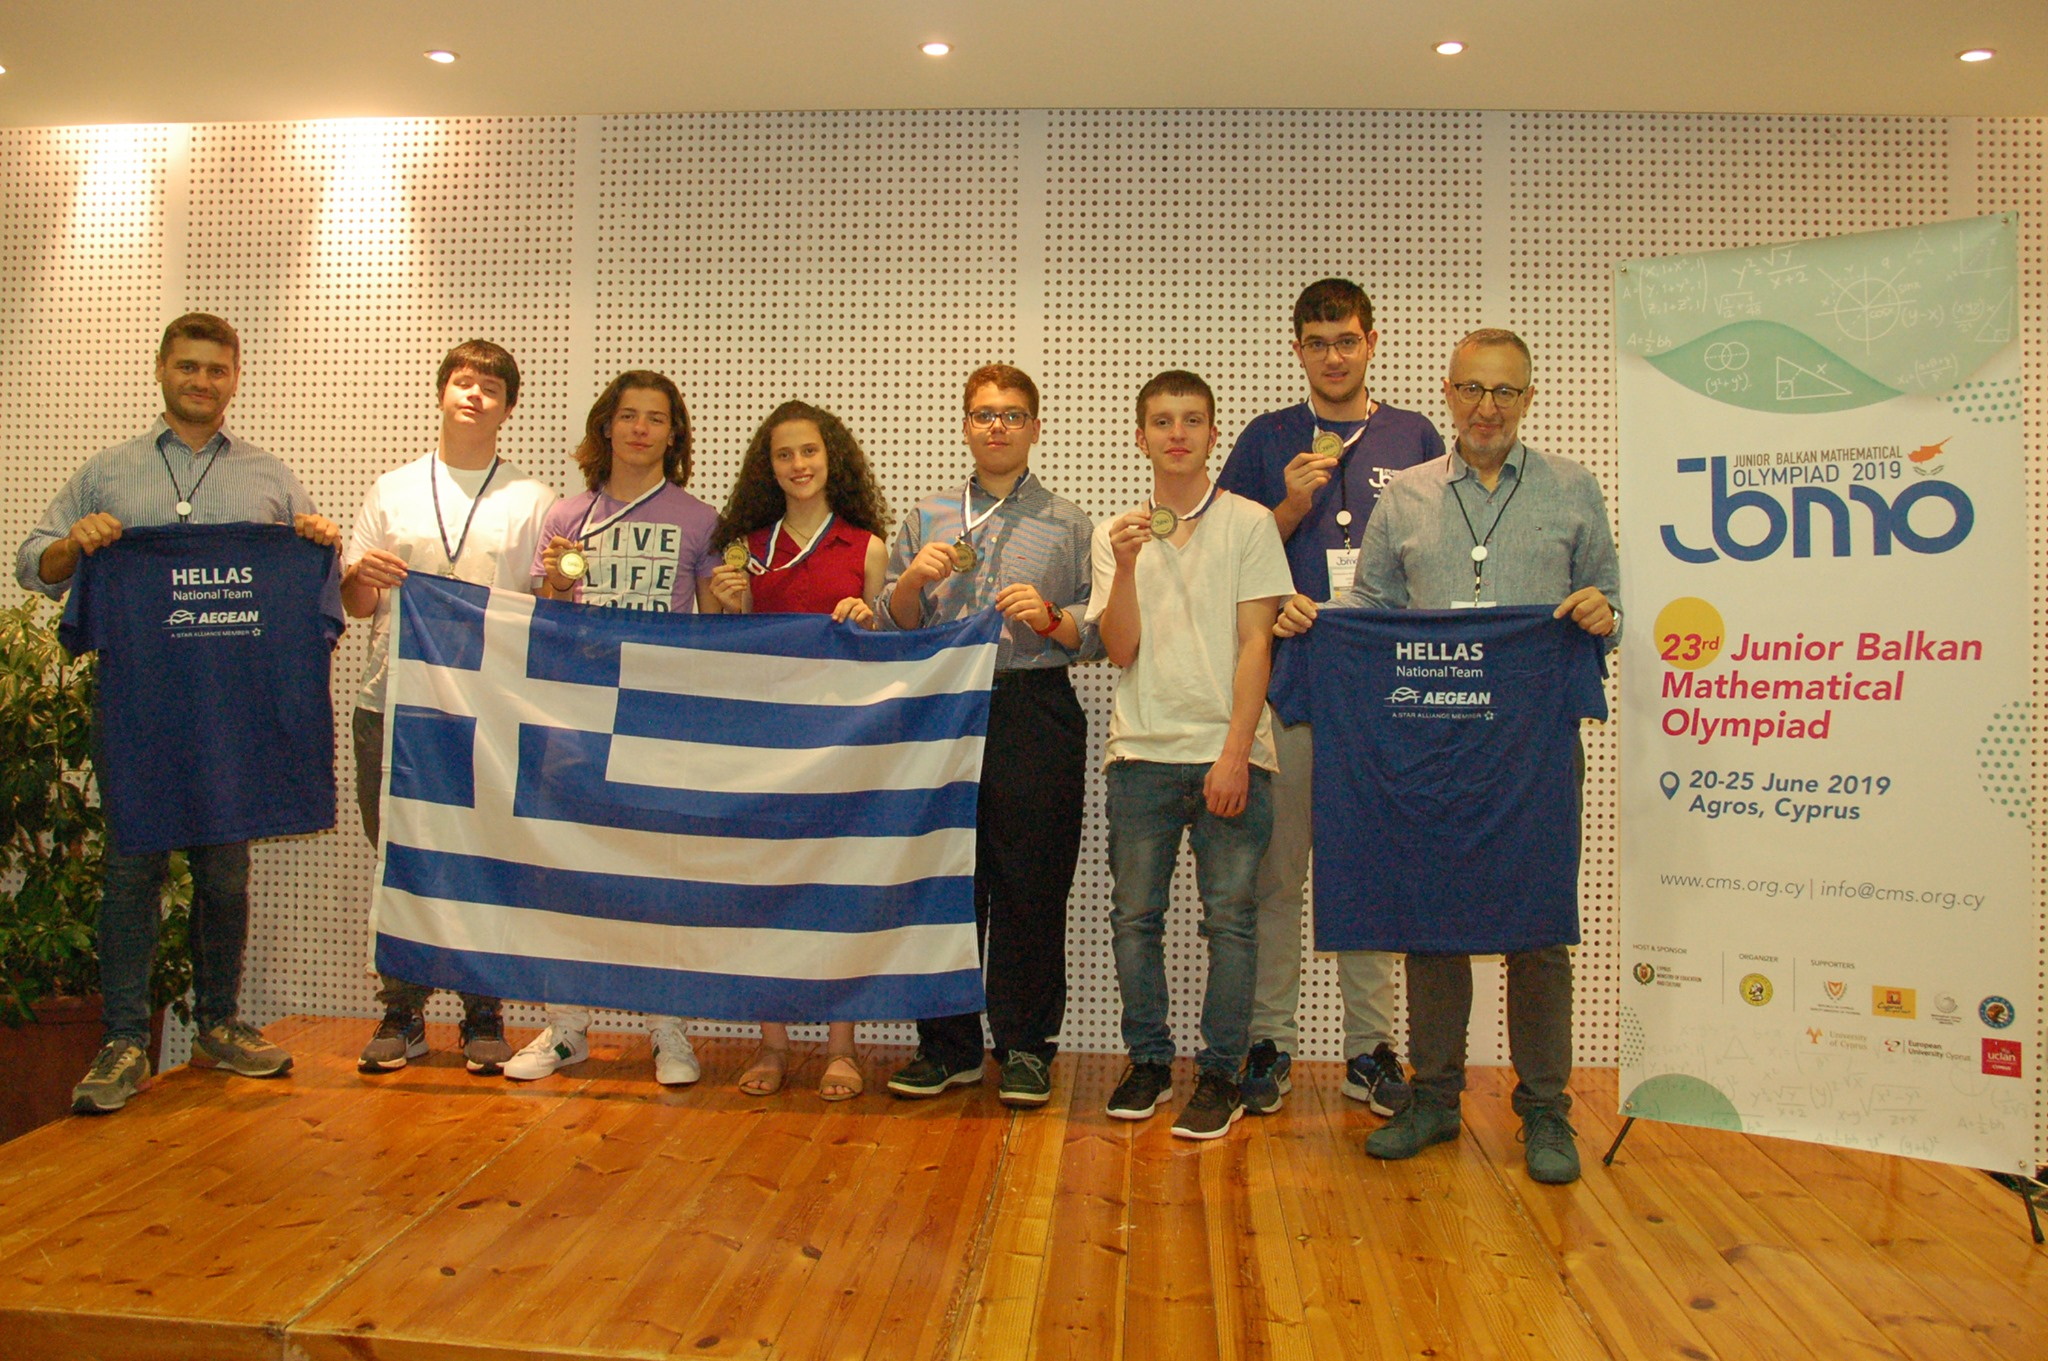 Έξι μετάλλια στην 23η Βαλκανική Μαθηματική Ολυμπιάδα Νέων